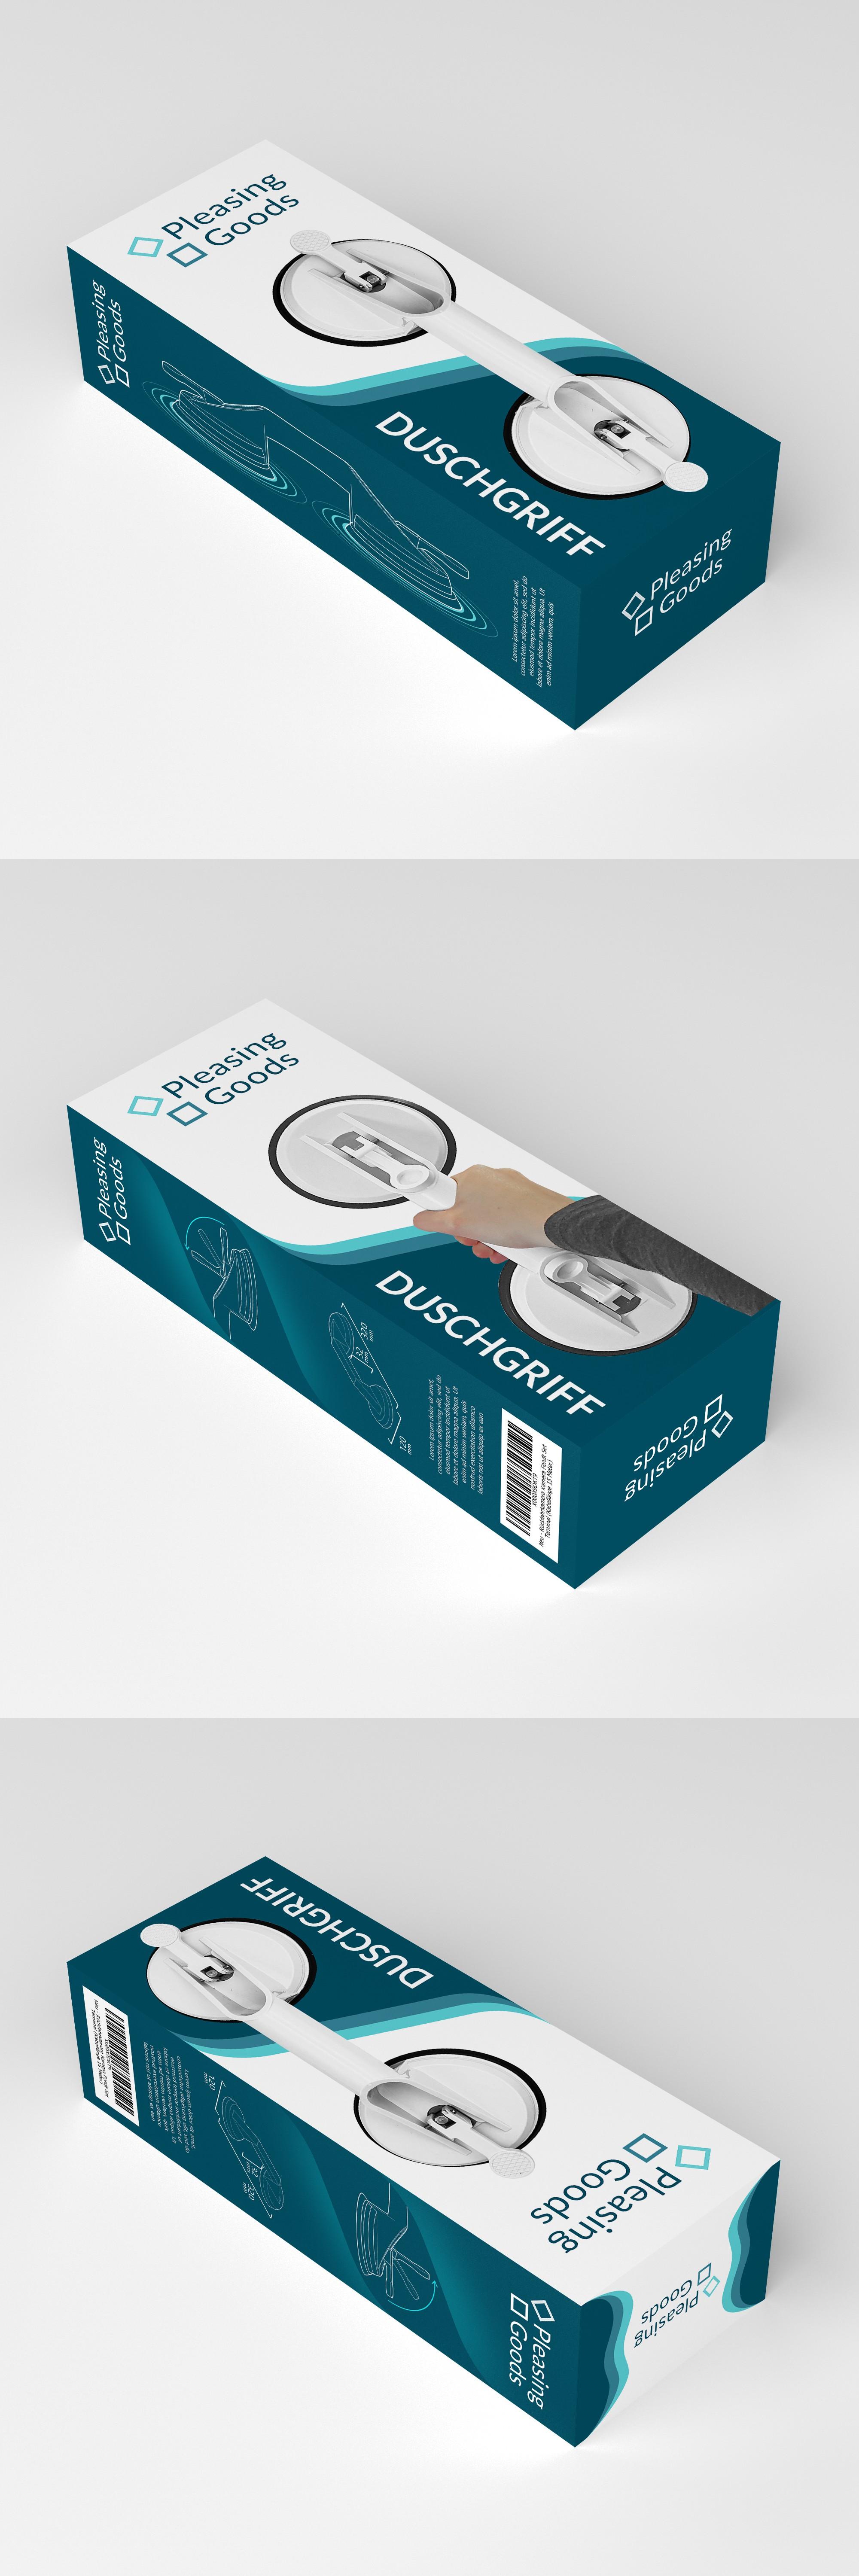 Gestalte eine Produktverpackung für einen Bad-Helfer